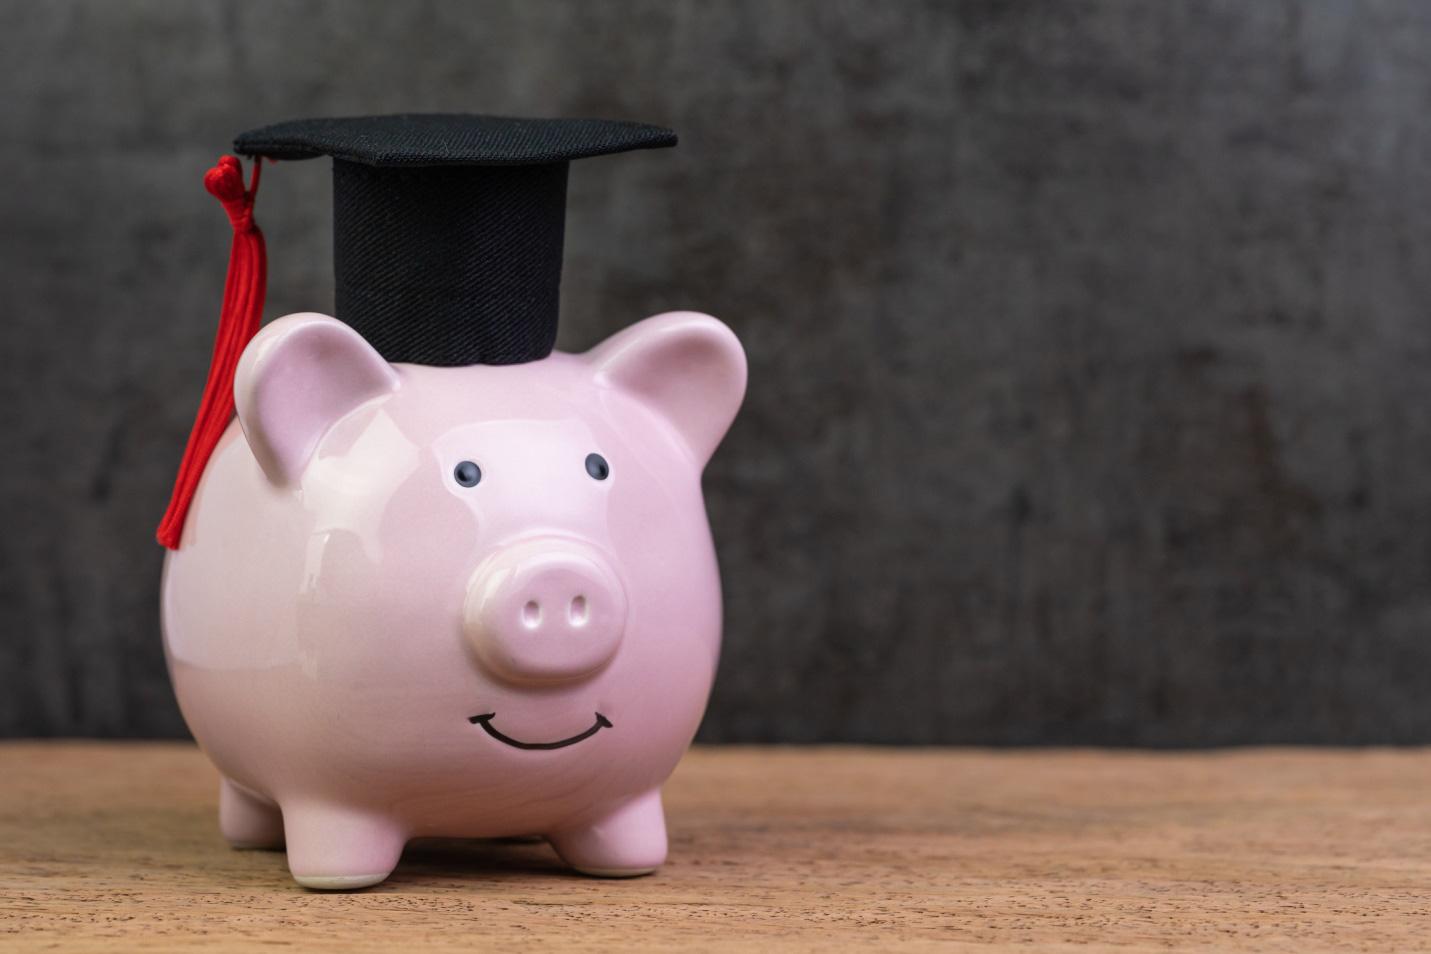 Điều kiện du học Canada 2021 du học sinh cần nắm rõ - Ảnh 4.